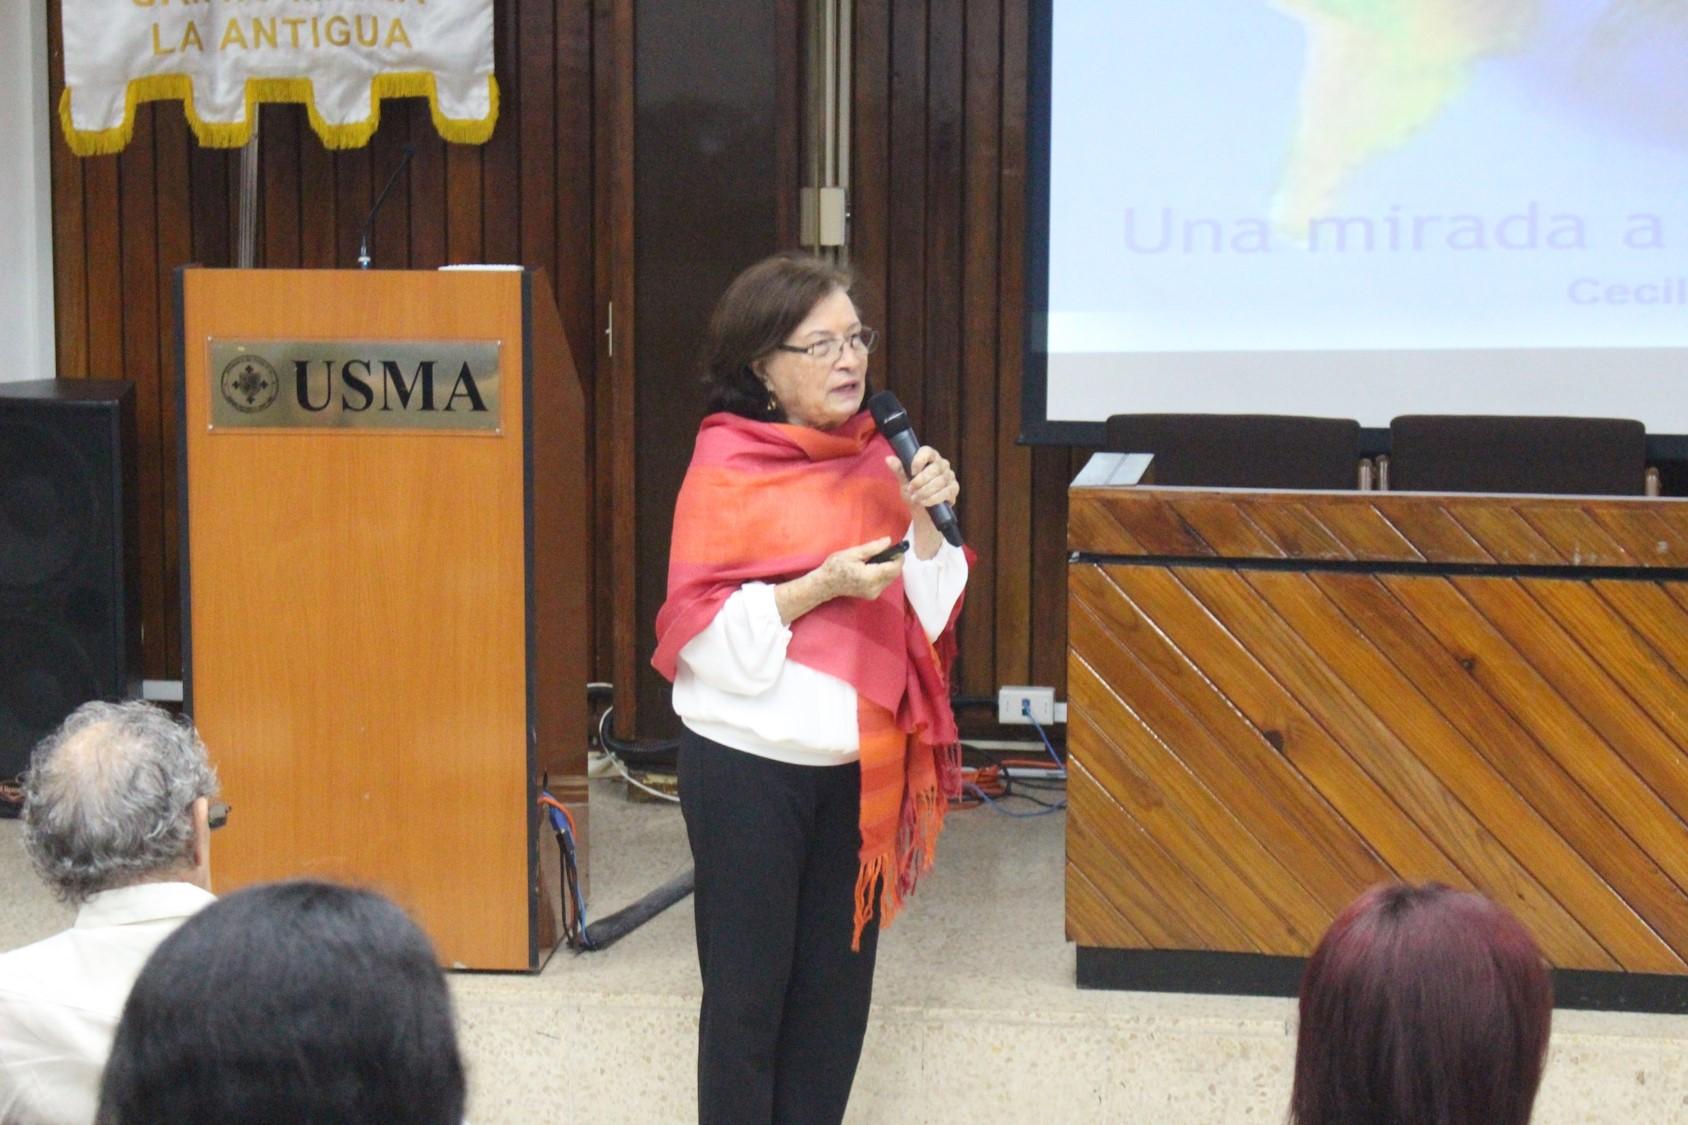 Escuela de Psicología de la USMA organiza conversatorio